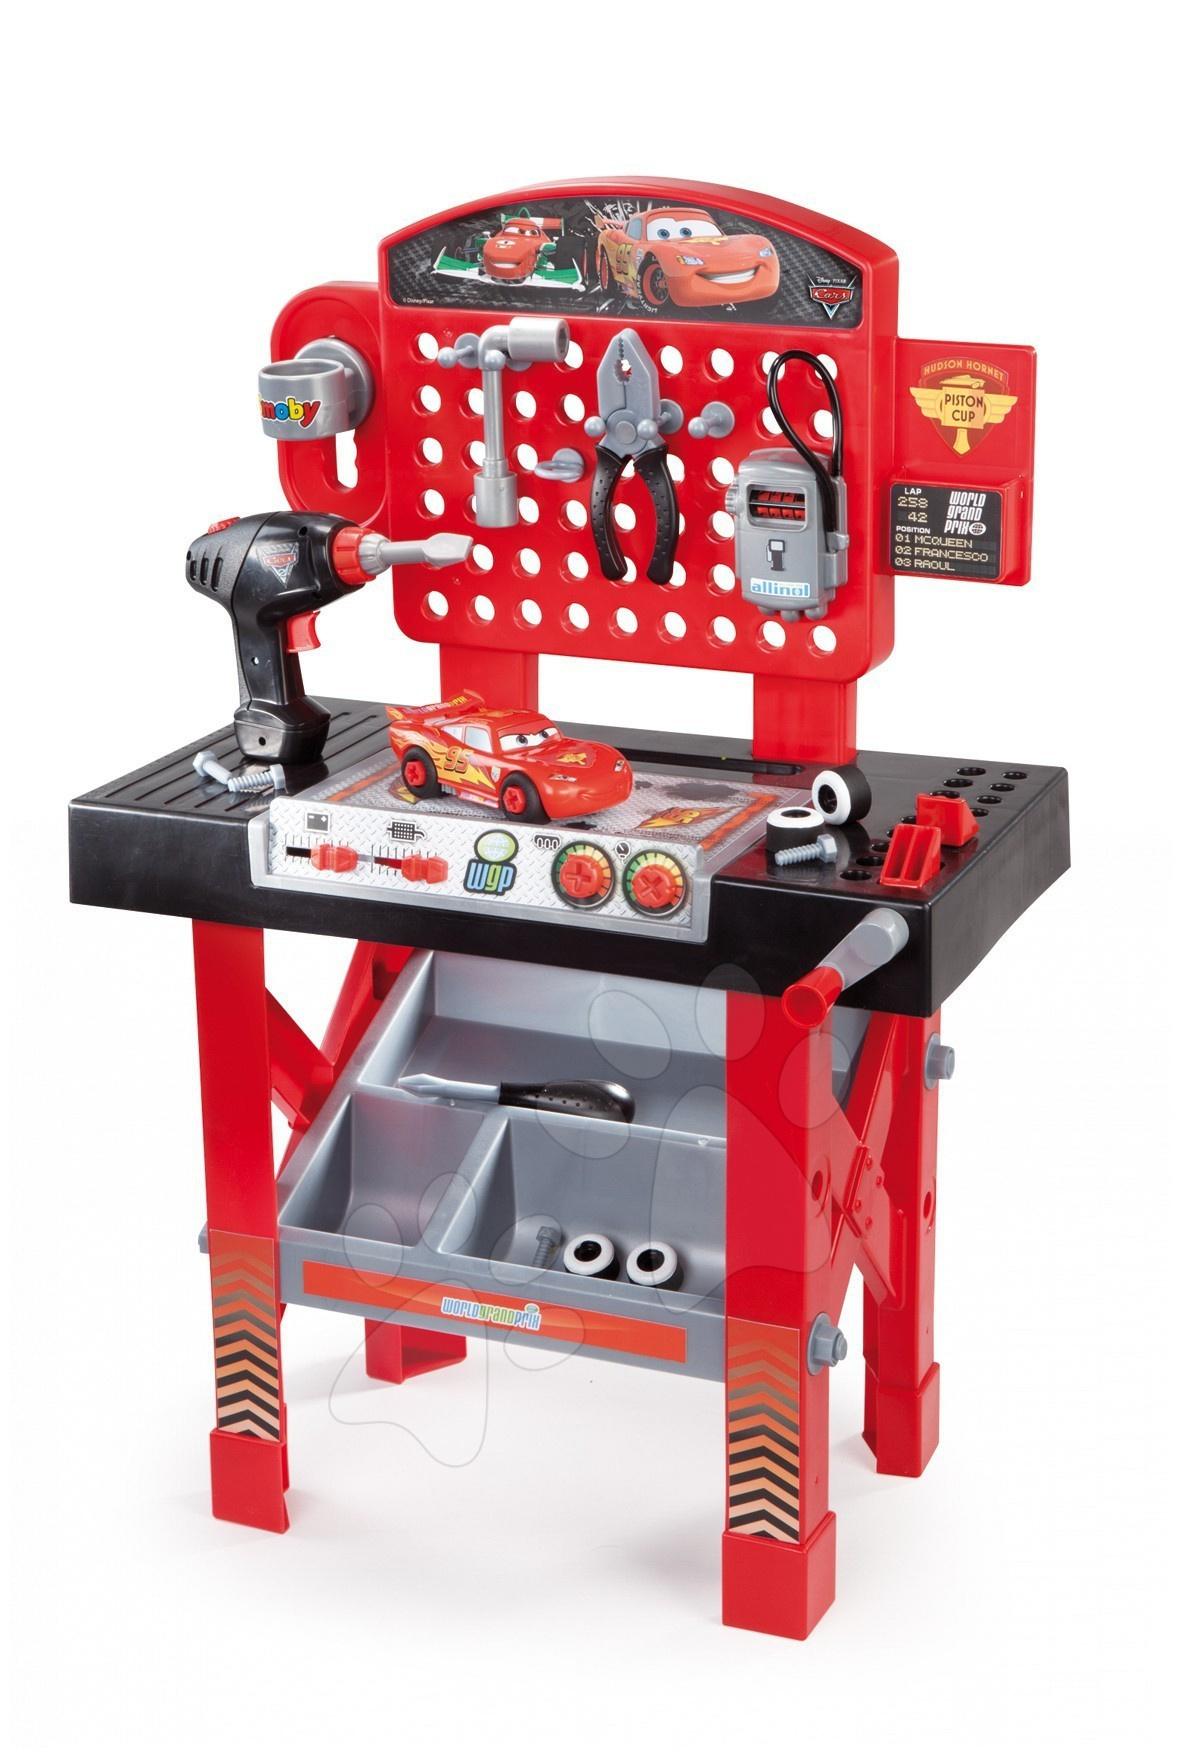 Pracovní stůl Auta Smoby pro děti s mechanickou vrtačkou, autíčkem McQueen a 20 doplňky